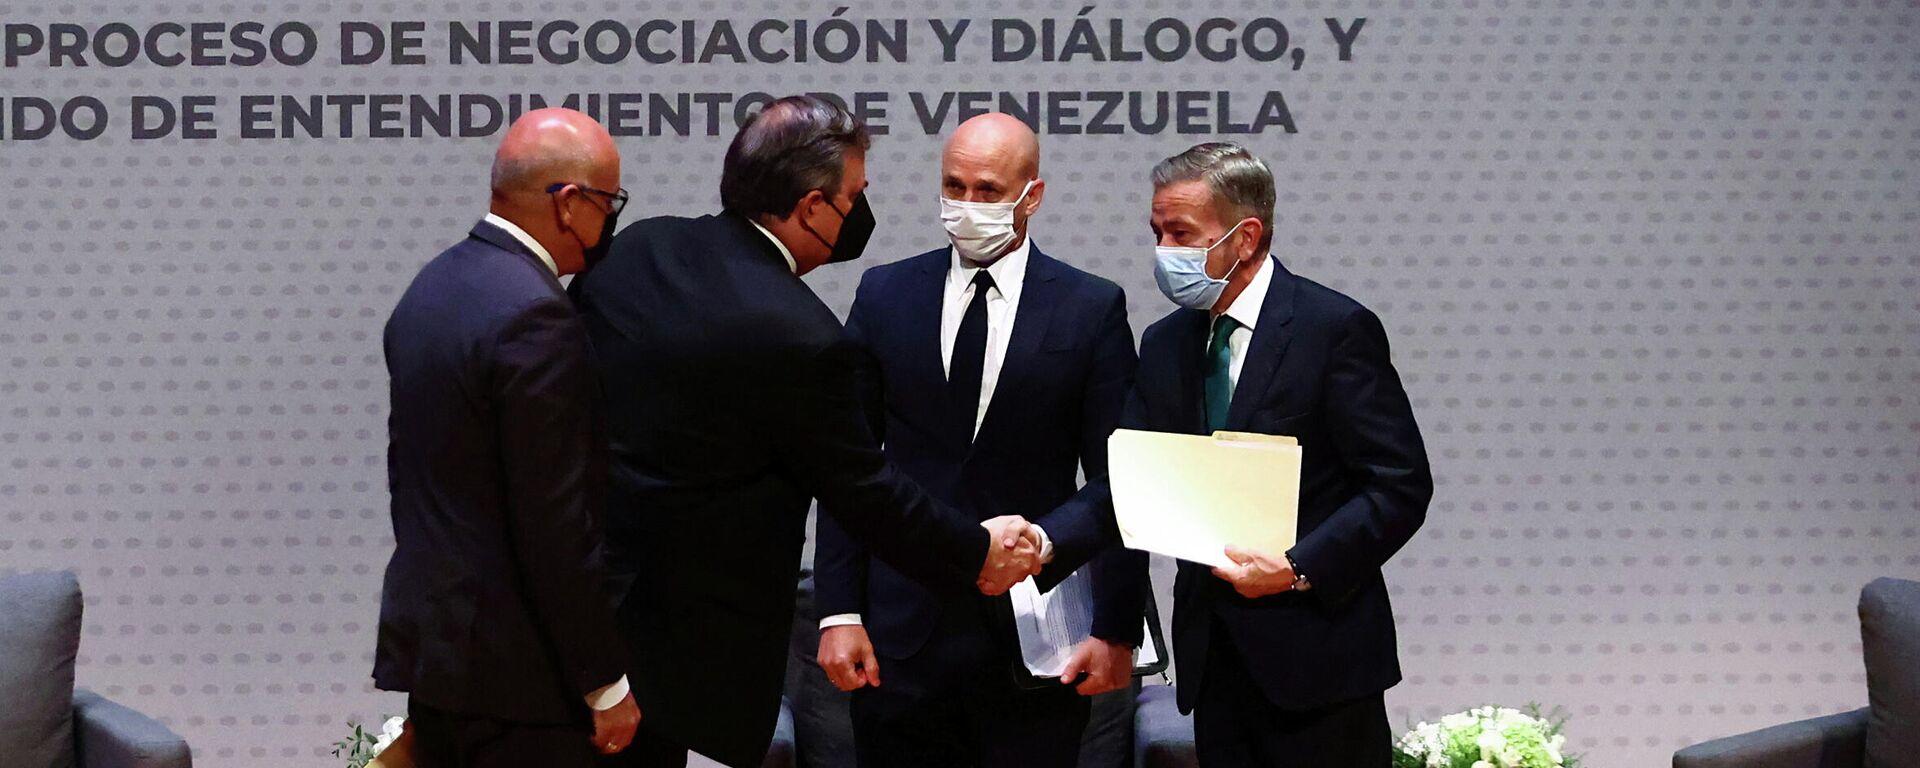 Representantes de Gobierno y oposición de Venezuela firman memorando de entendimiento - Sputnik Mundo, 1920, 18.08.2021